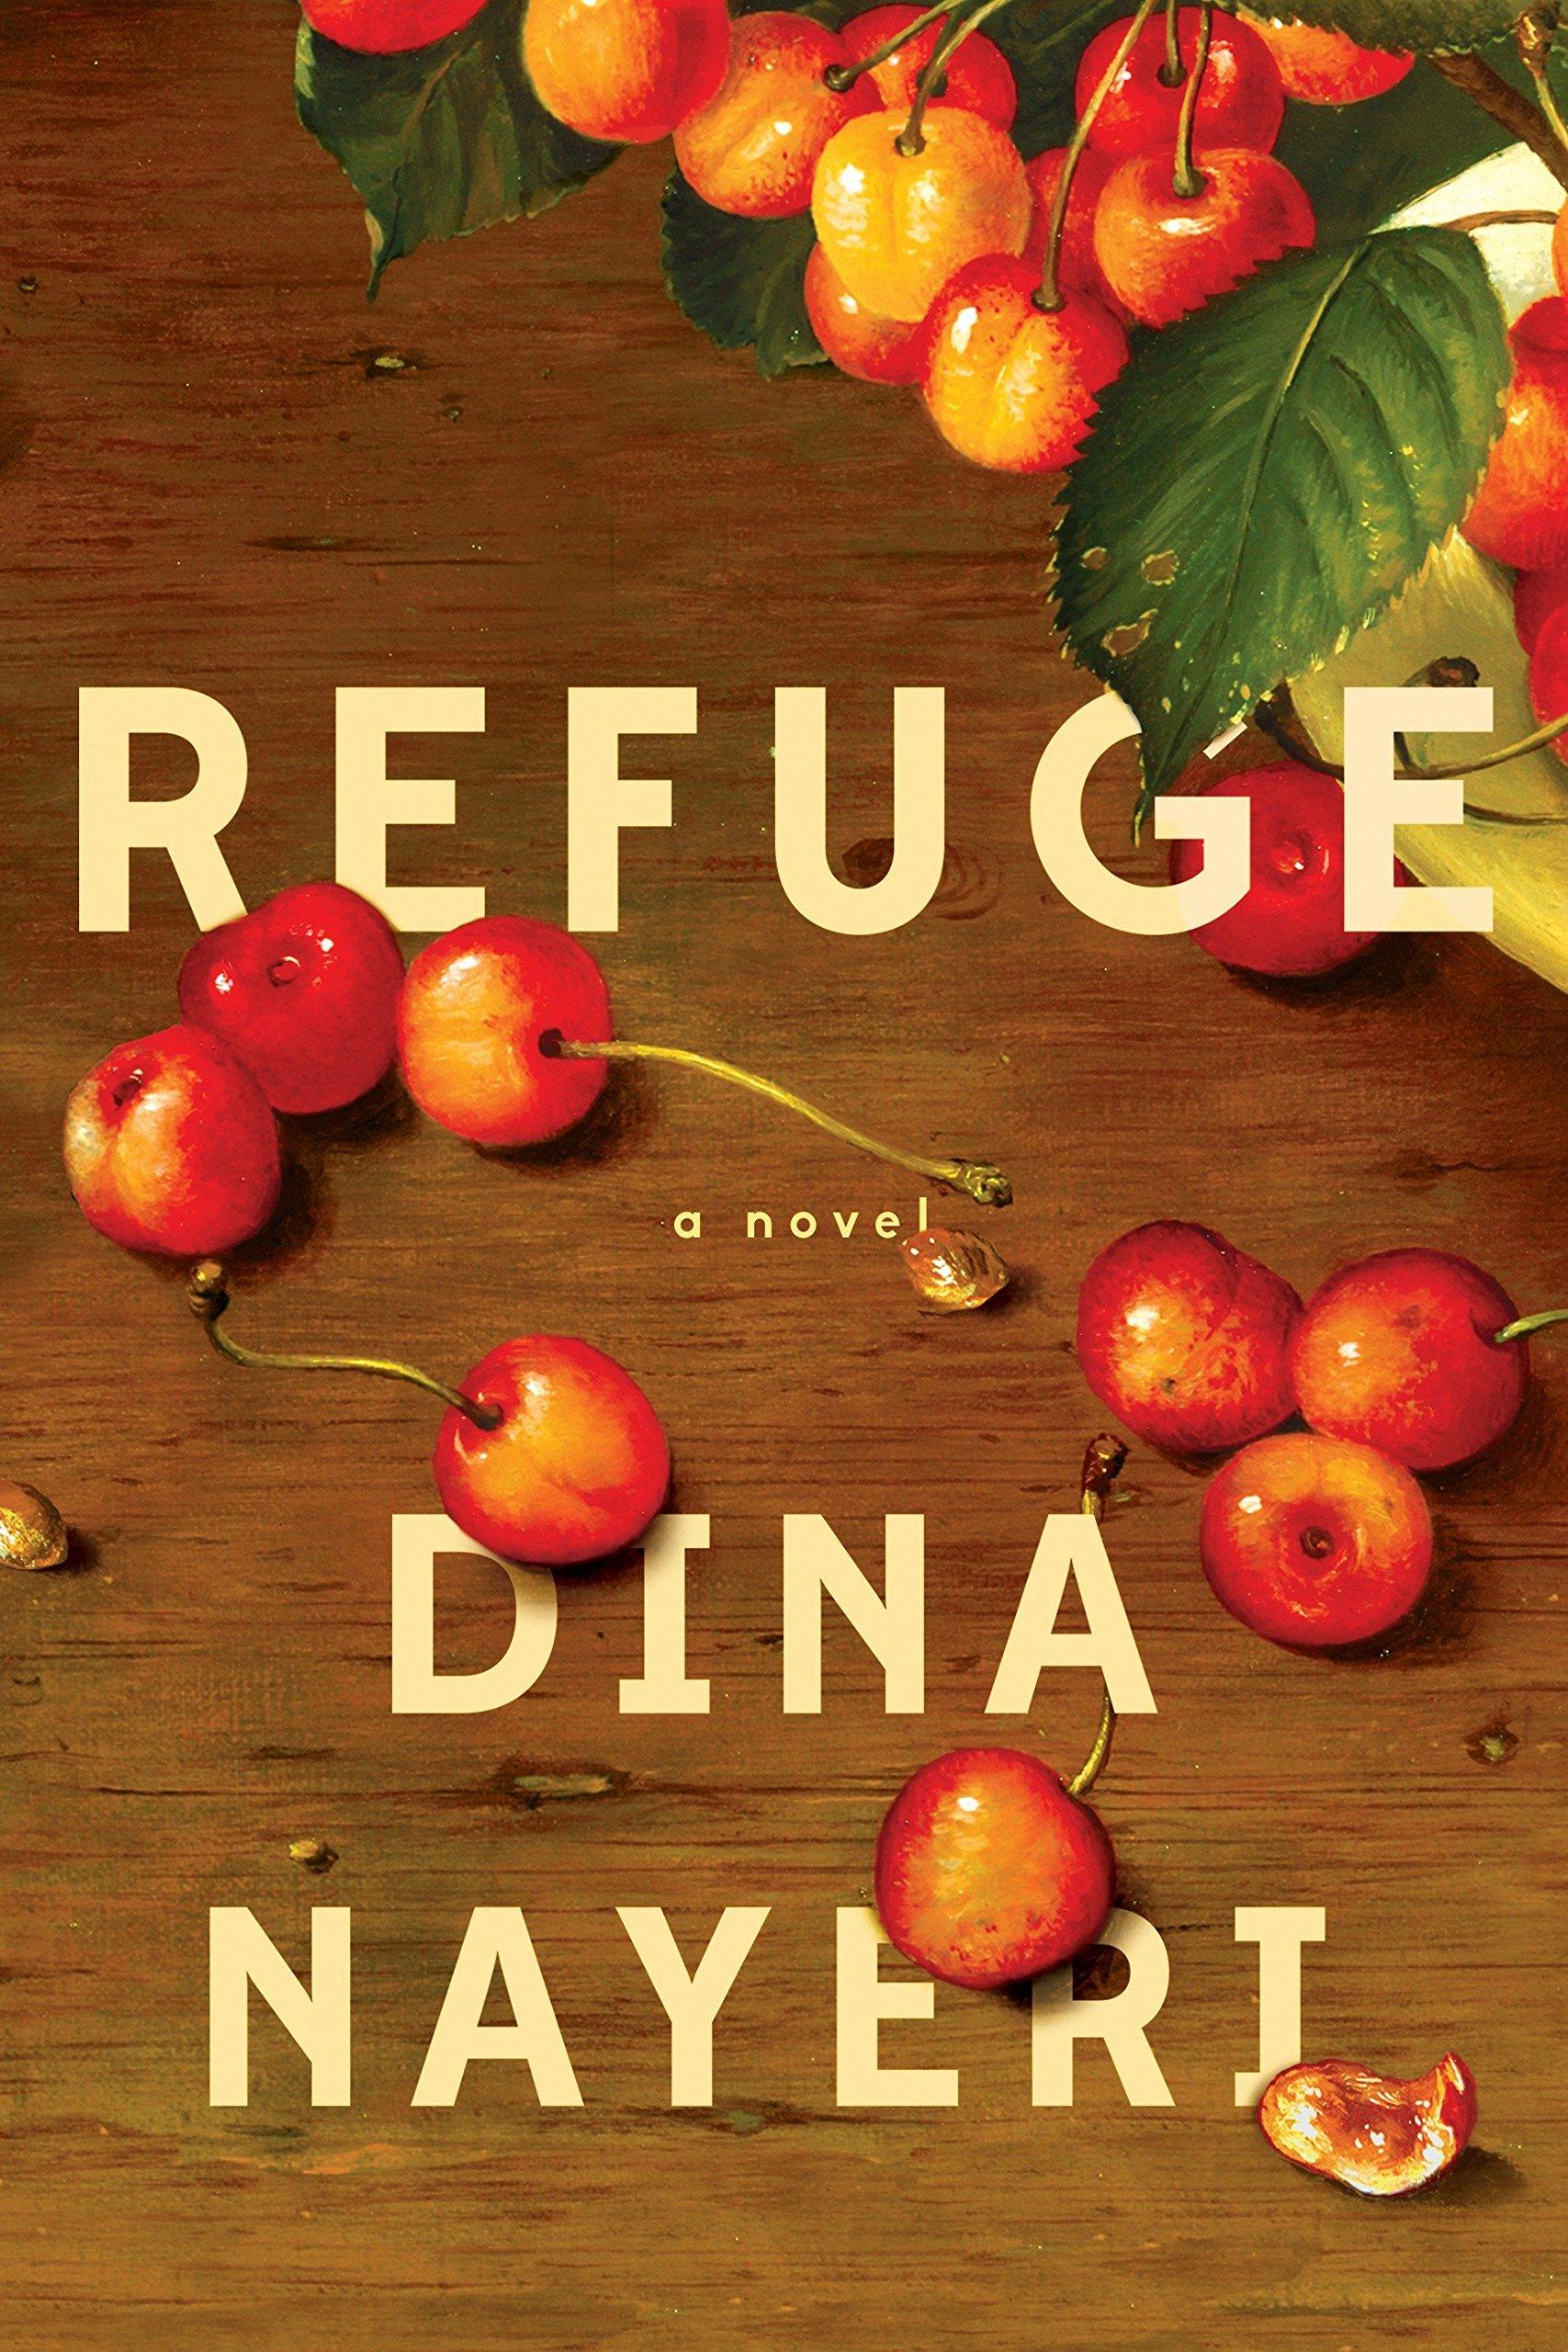 Image result for refuge: a novel dina nayeri